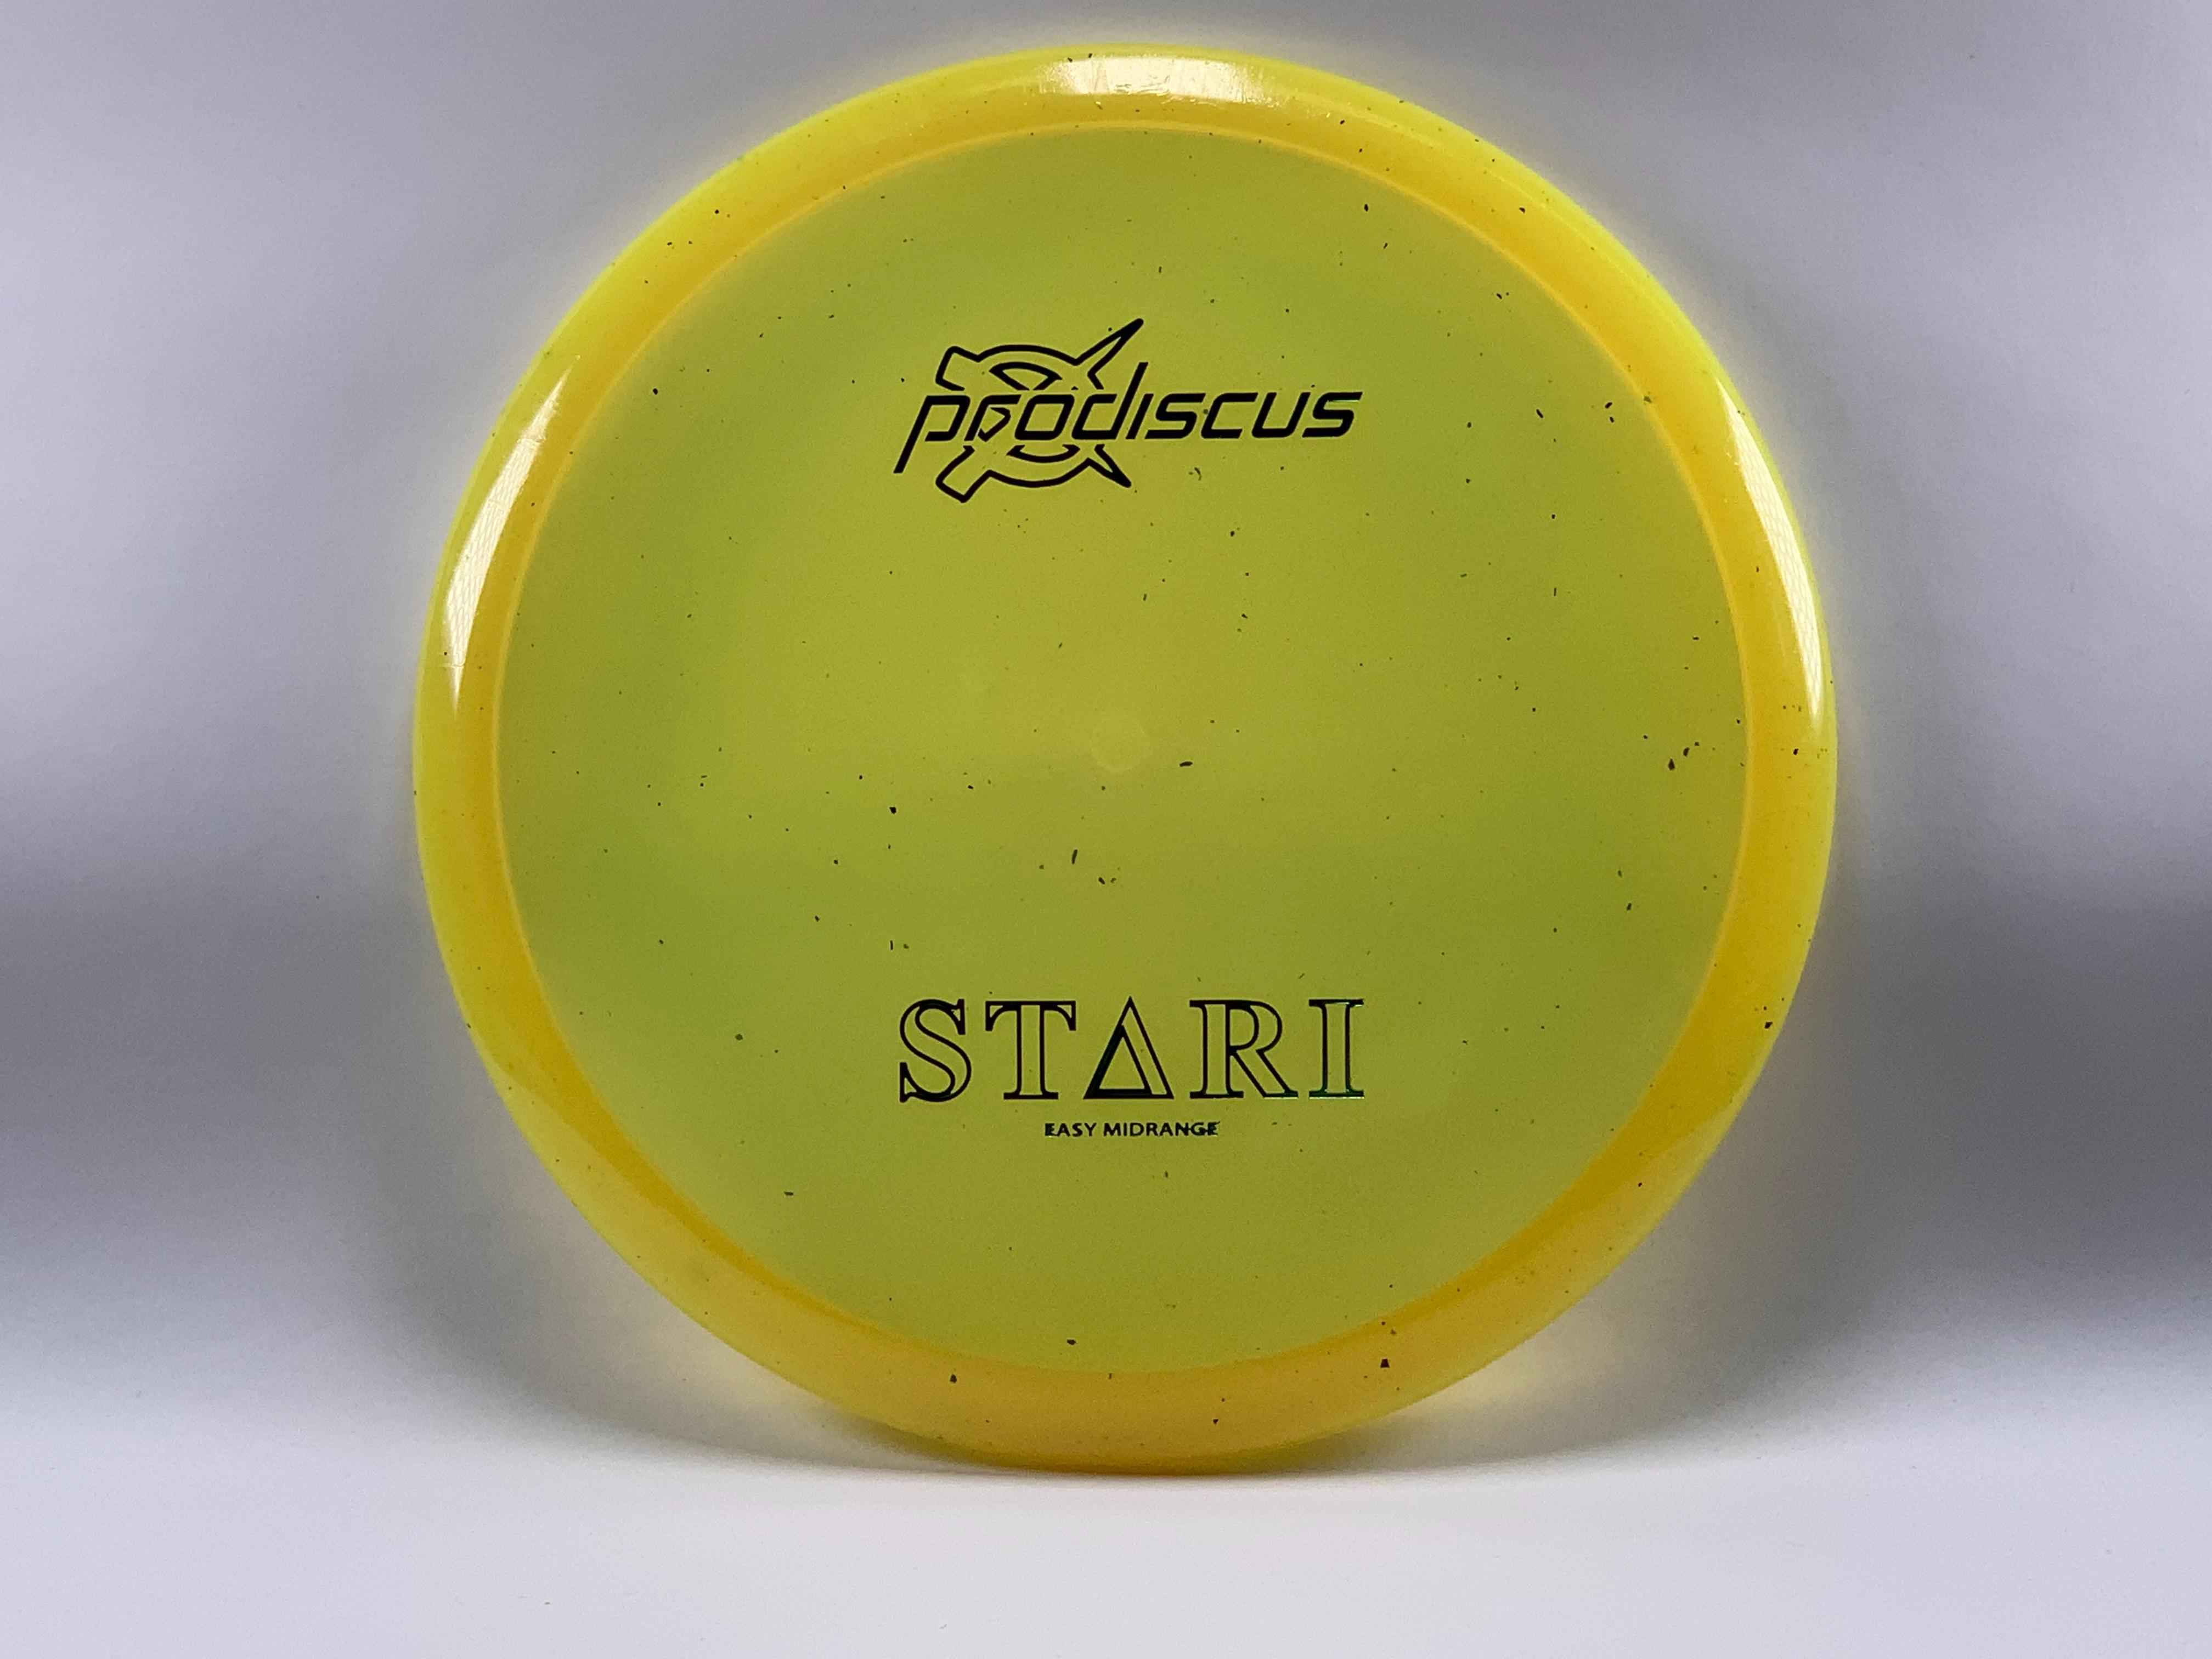 ProDiscus Premium Stari